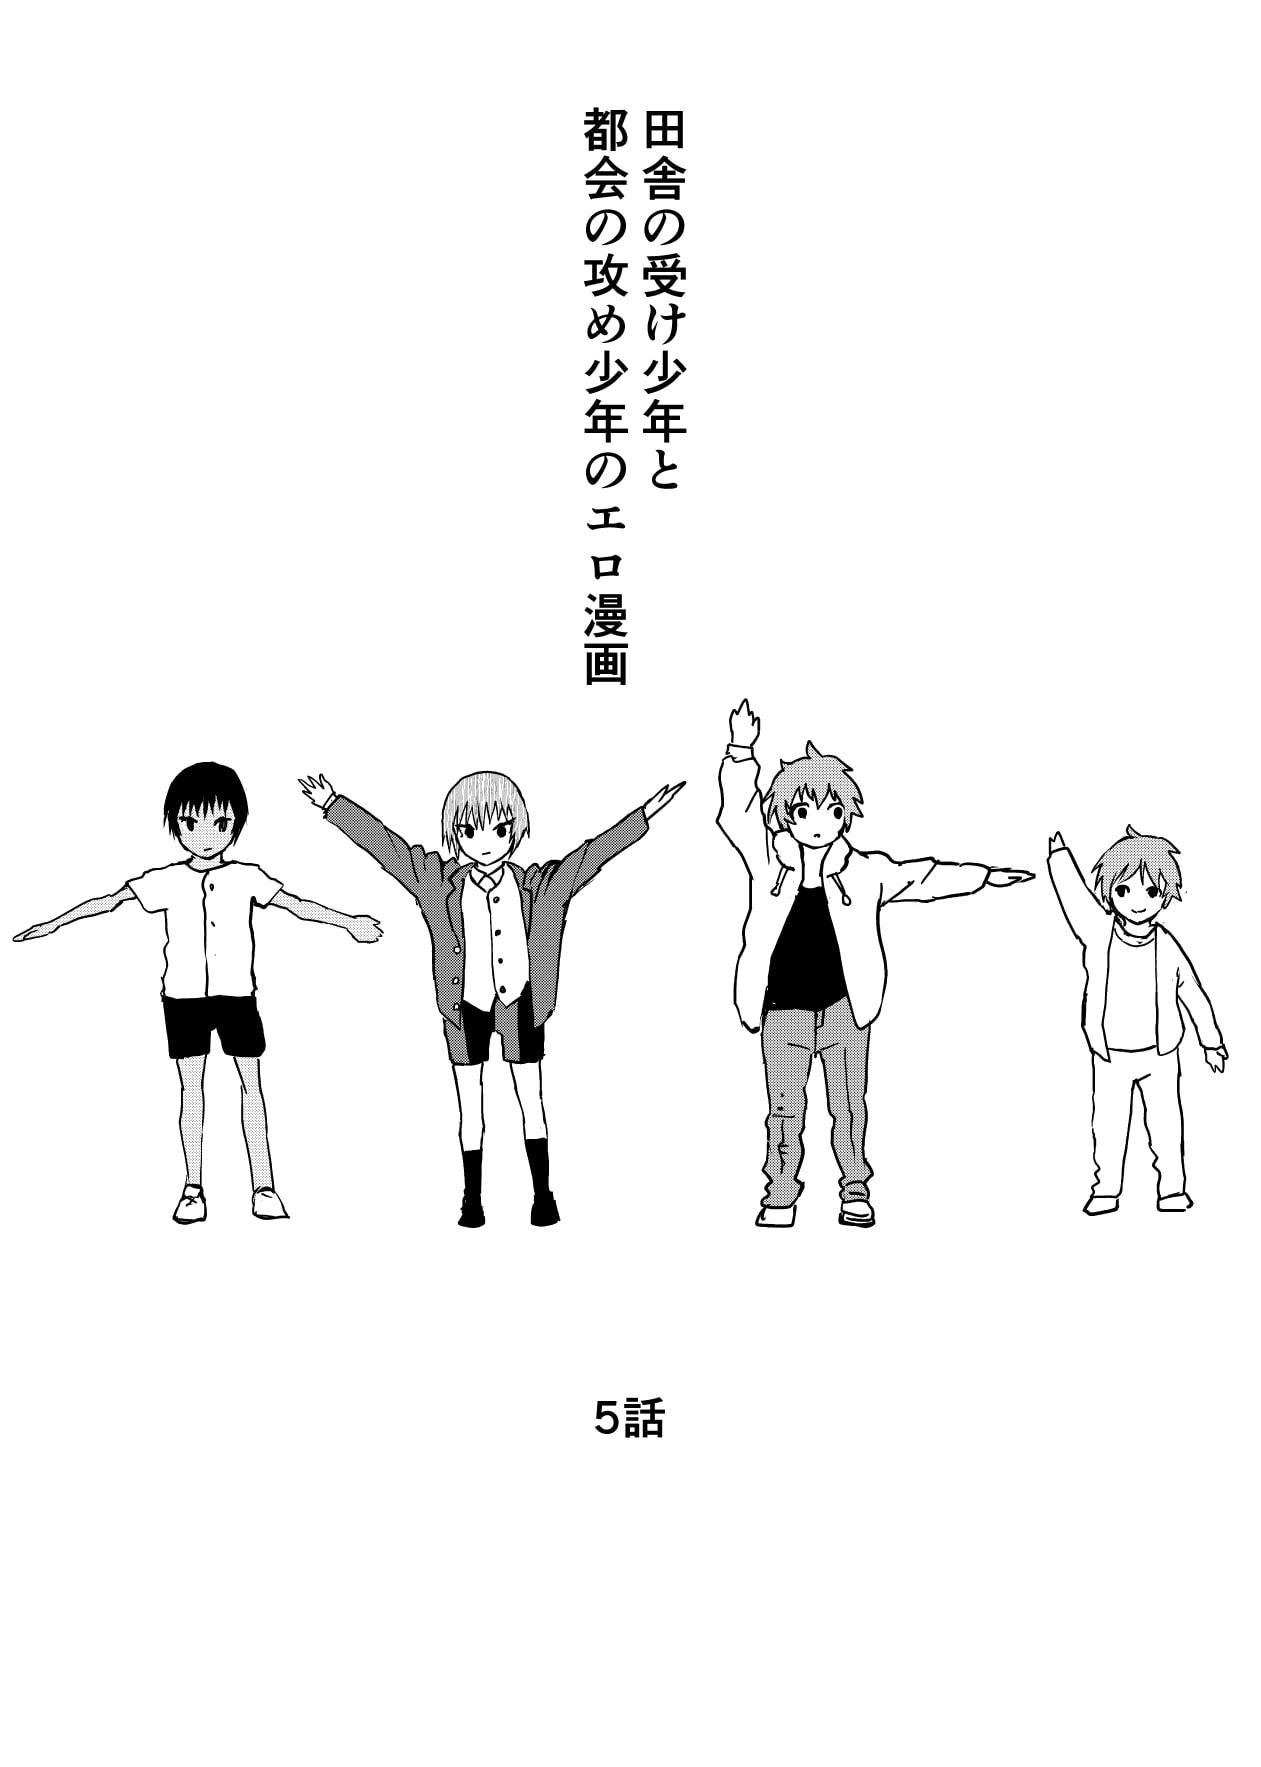 田舎の受け少年と都会の攻め少年のエロ漫画【5話】のサンプル画像